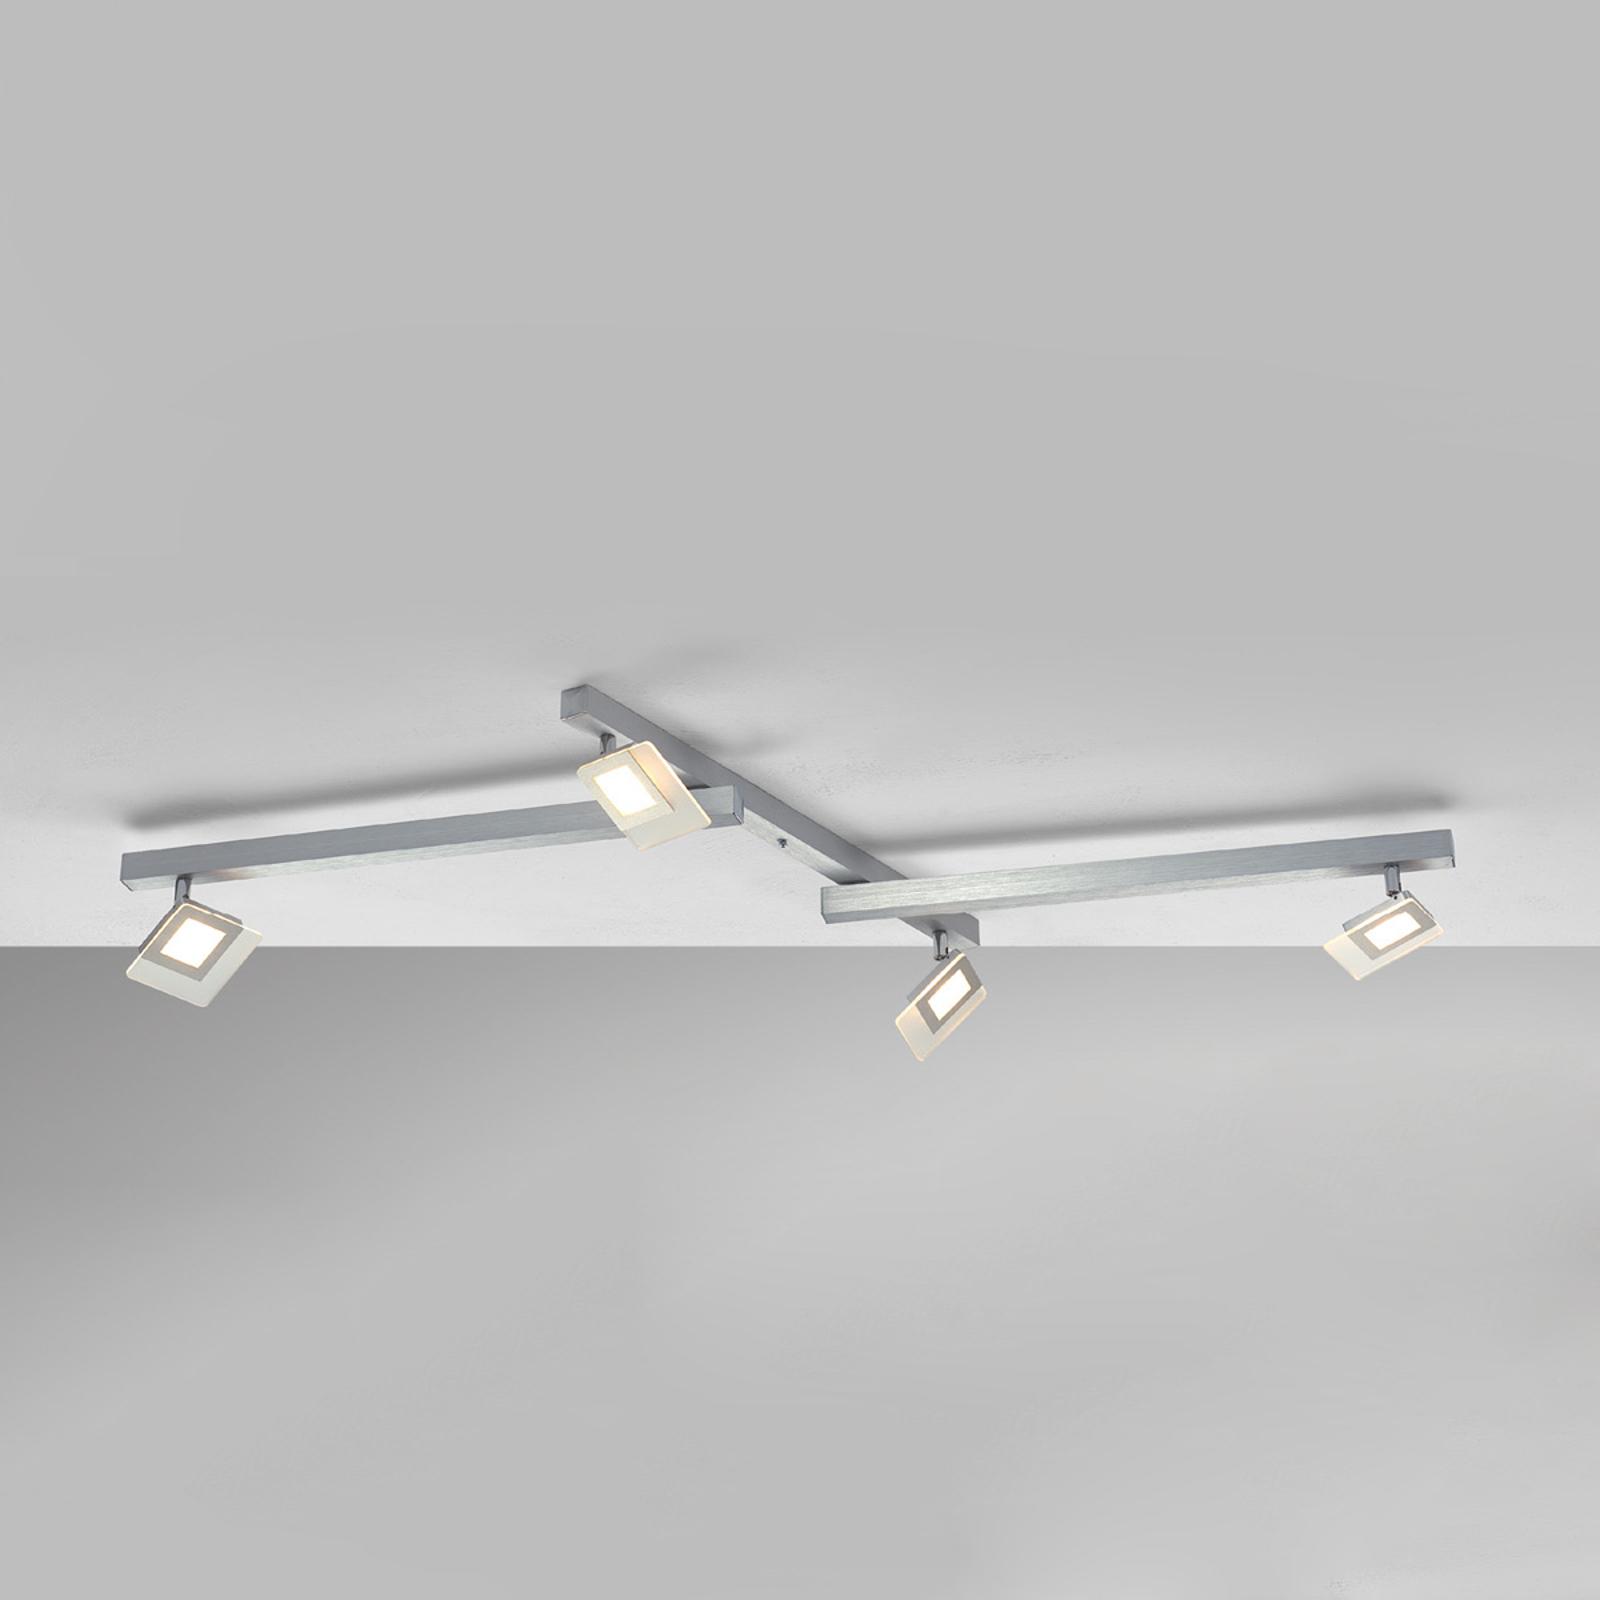 Exklusiv LED-taklampa Line, 4 ljuskällor